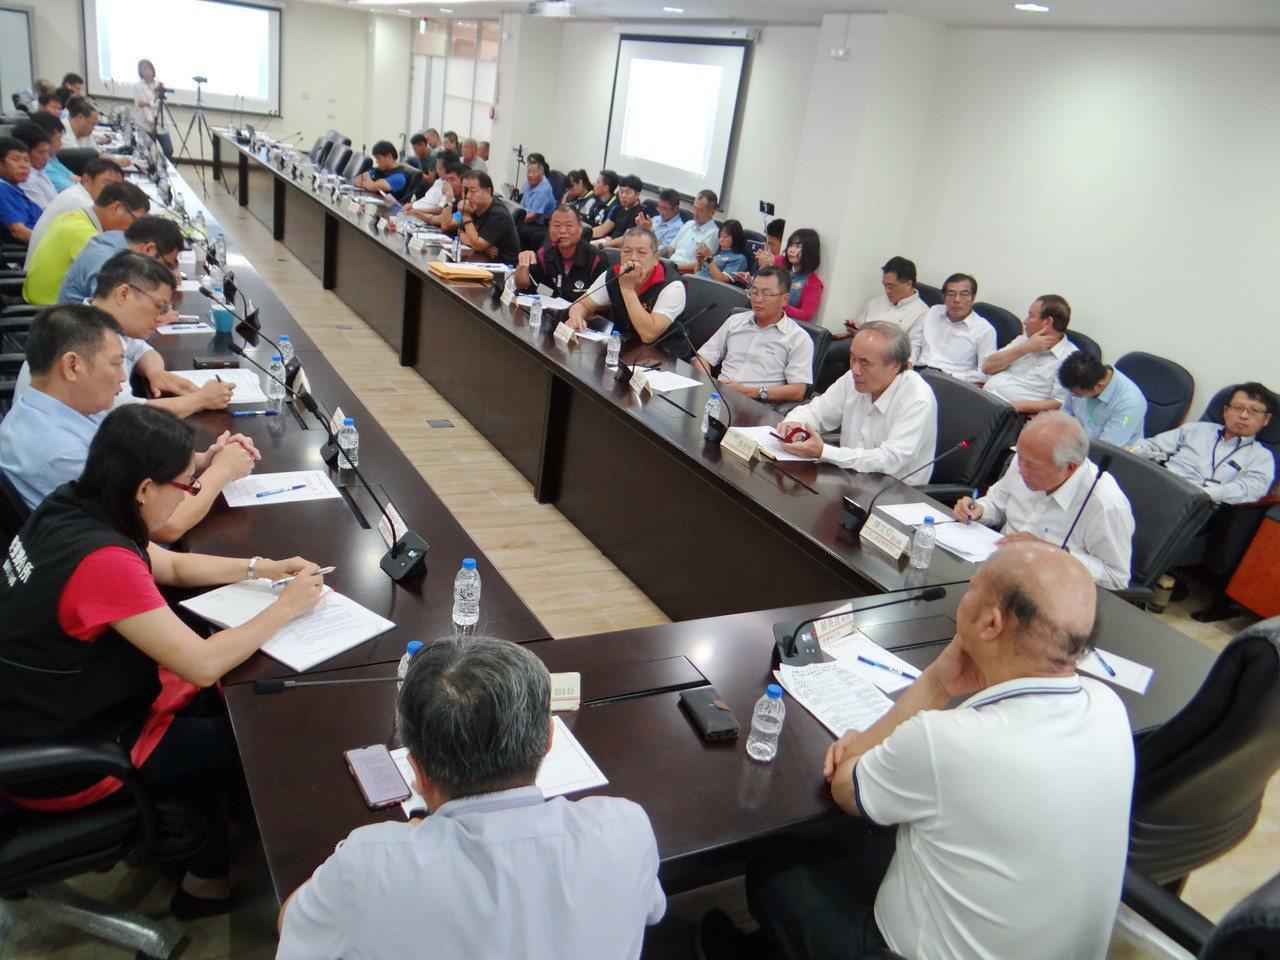 六輕和麥寮首度啟動地方通平台會議,商討六輕回饋金調高的問題。記者蔡維斌/攝影